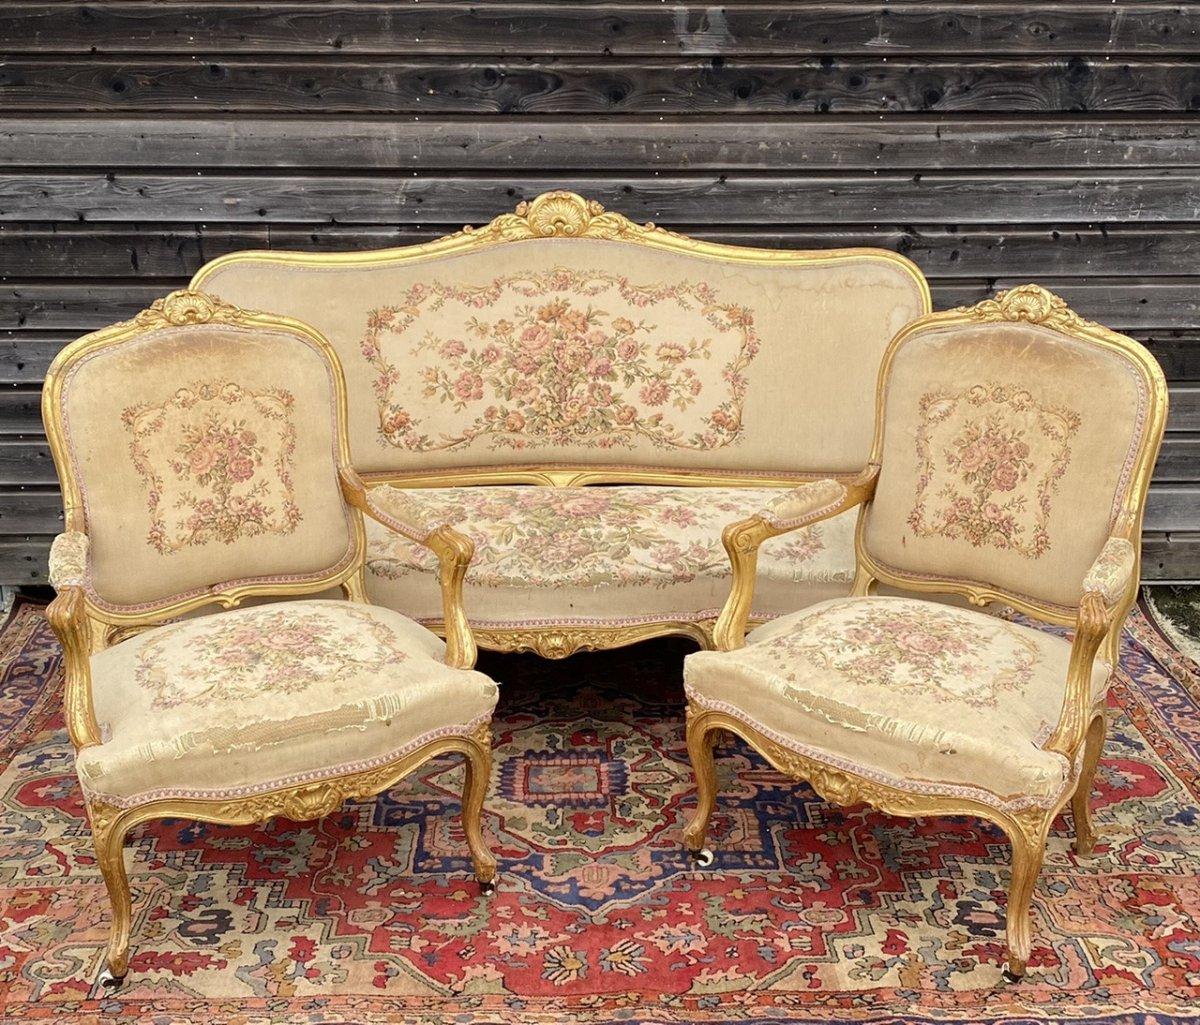 Living Room Furniture In Golden Wood XIX Eme Century